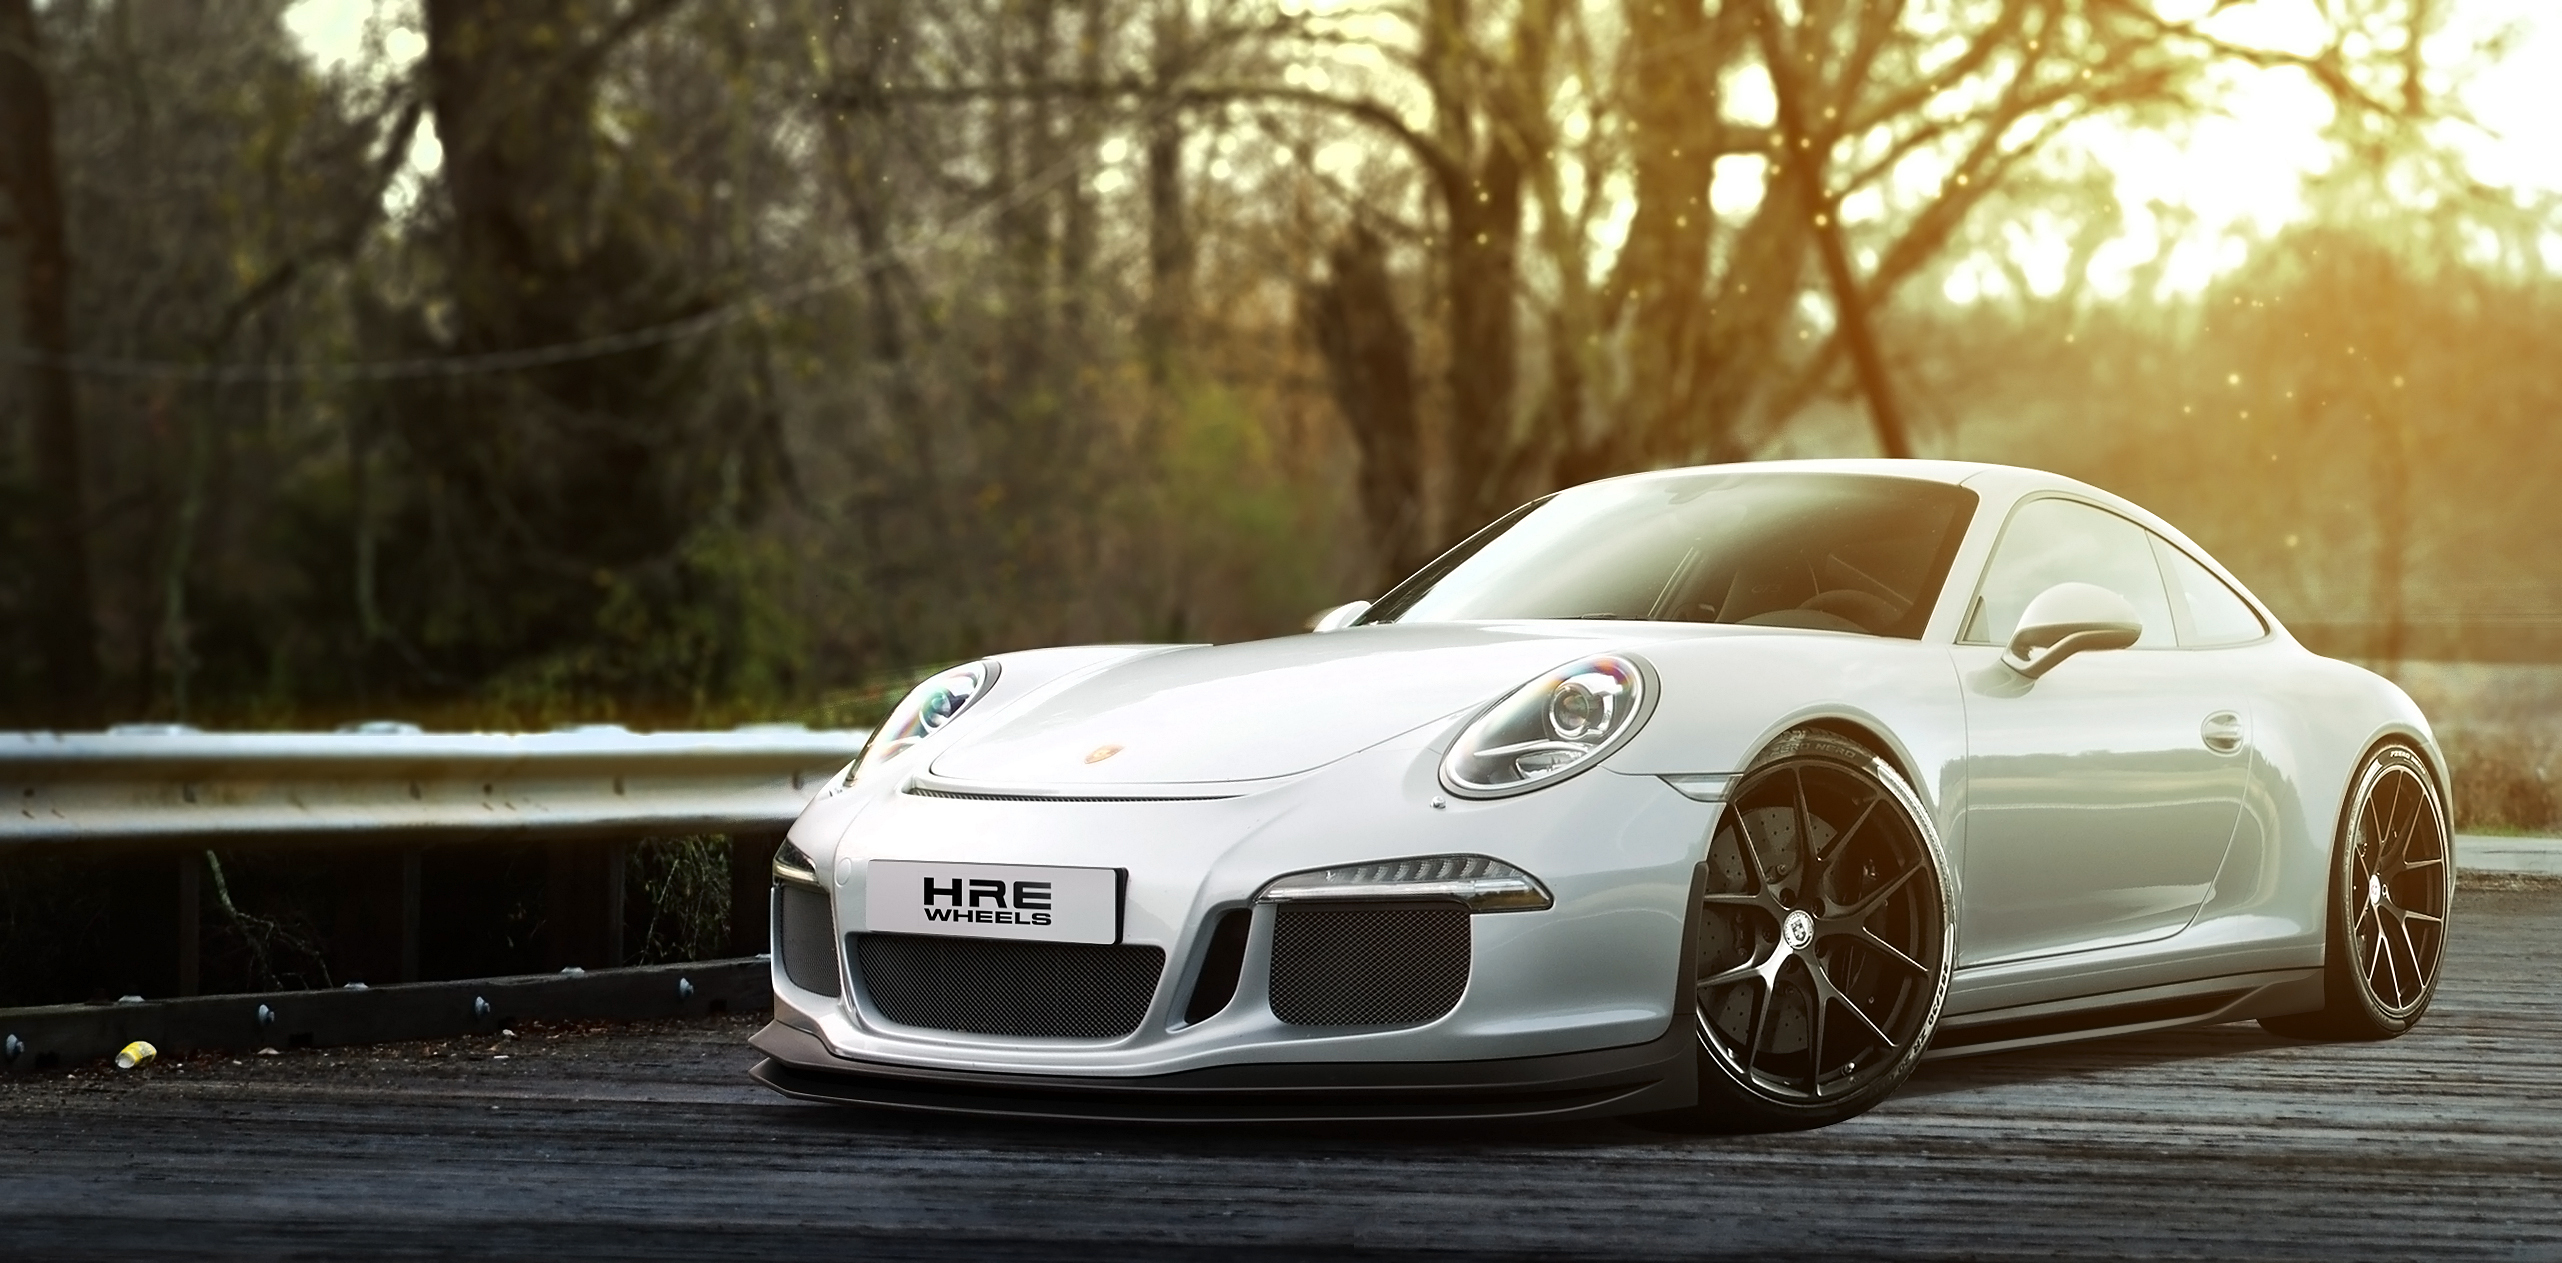 белый автомобиль спортивный porshe  № 637753 бесплатно